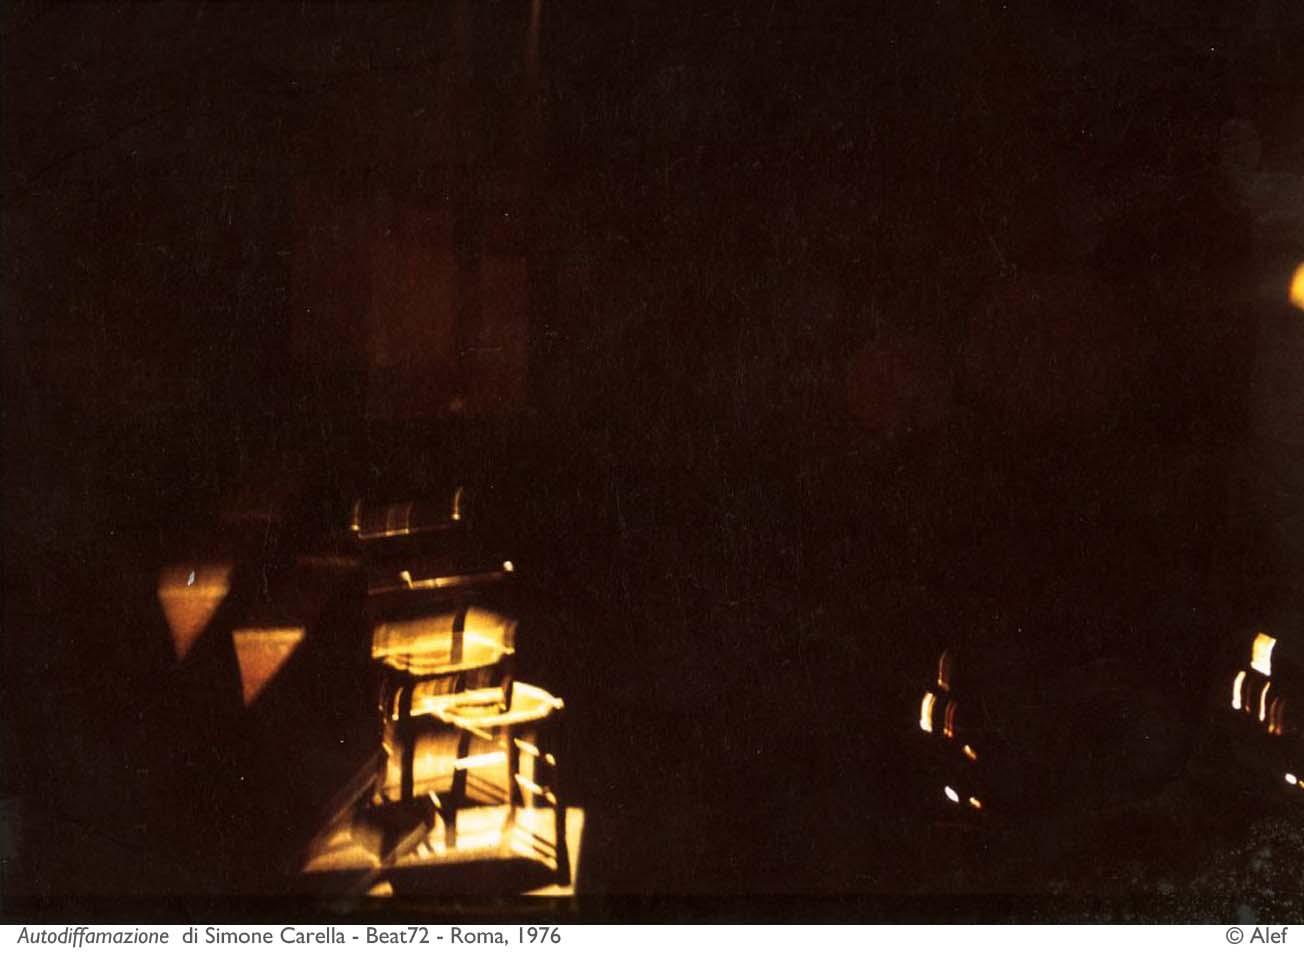 Foto-Autodiffamazione-Simone-Carella-1024x726 copia